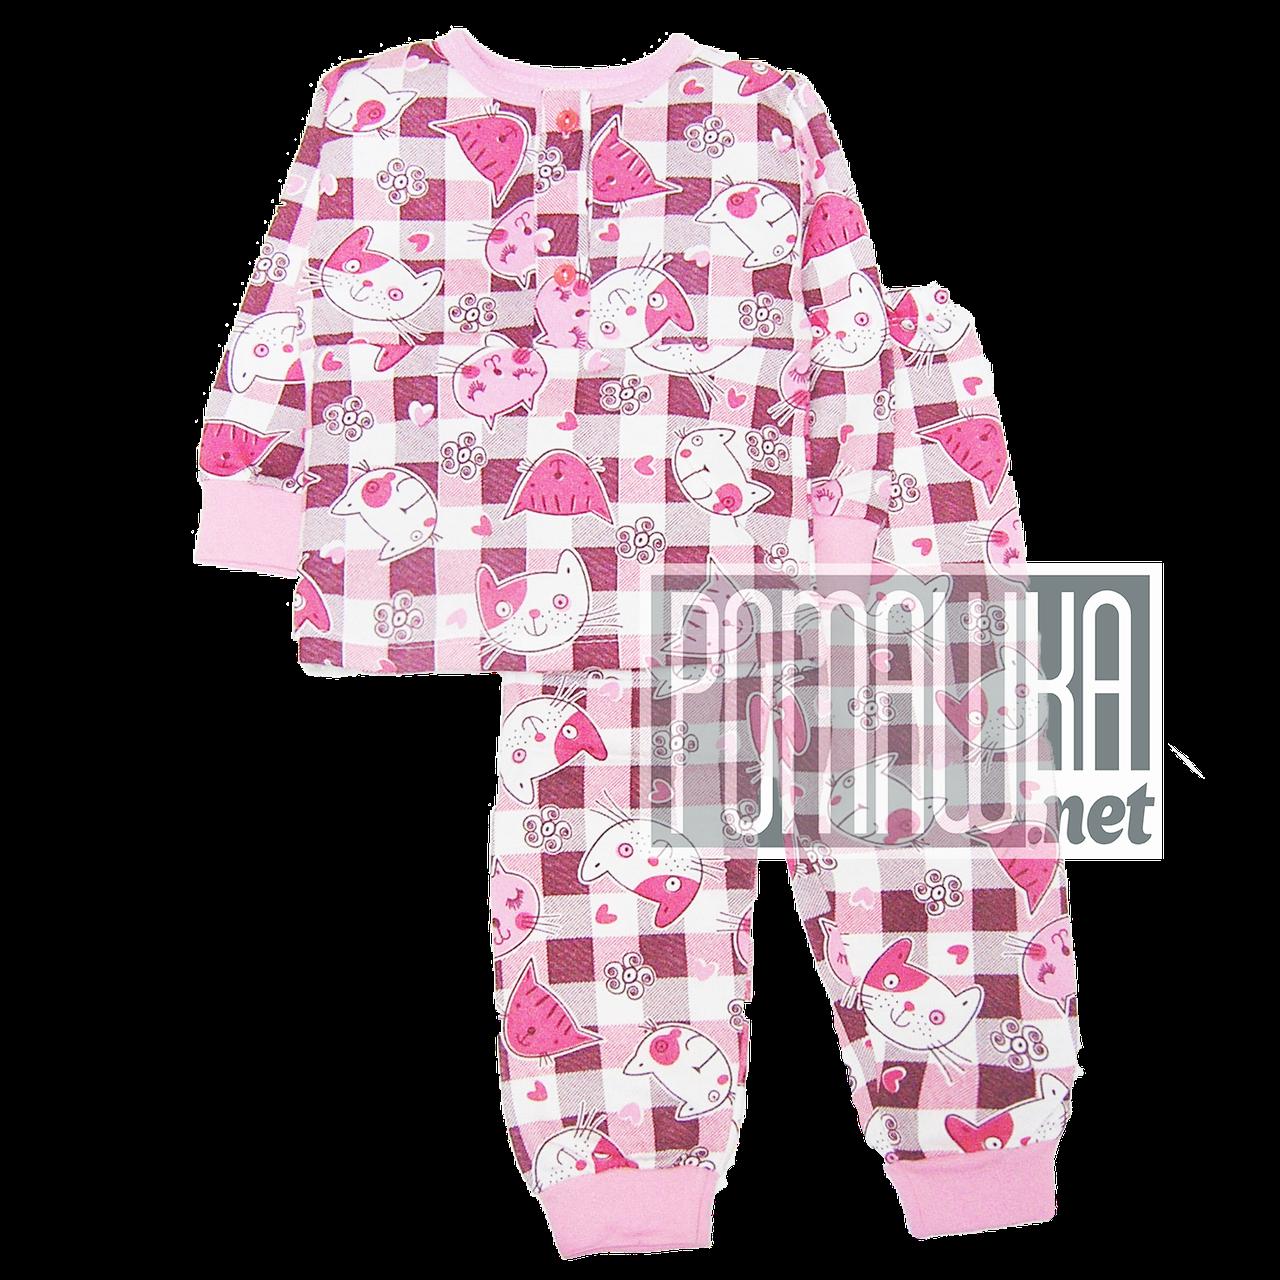 Байковая пижама для новорожденного р. 80-86 с начесом ткань ФУТЕР 100% хлопок ТМ Авекс 3487 Розовый 86 Б